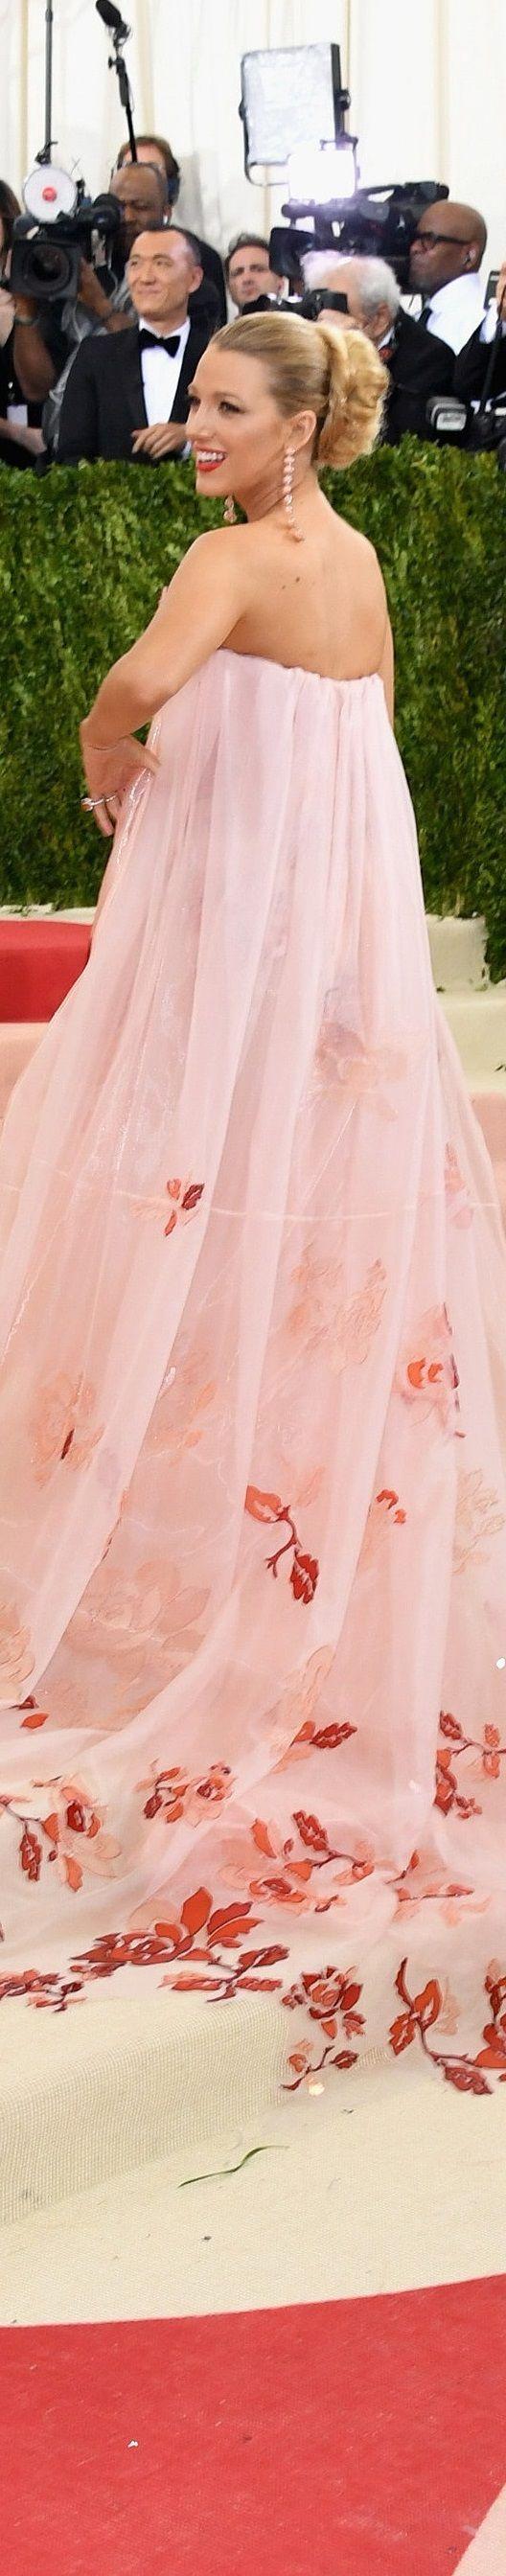 Encantador Blake Animado Vestido De Novia Composición - Colección de ...